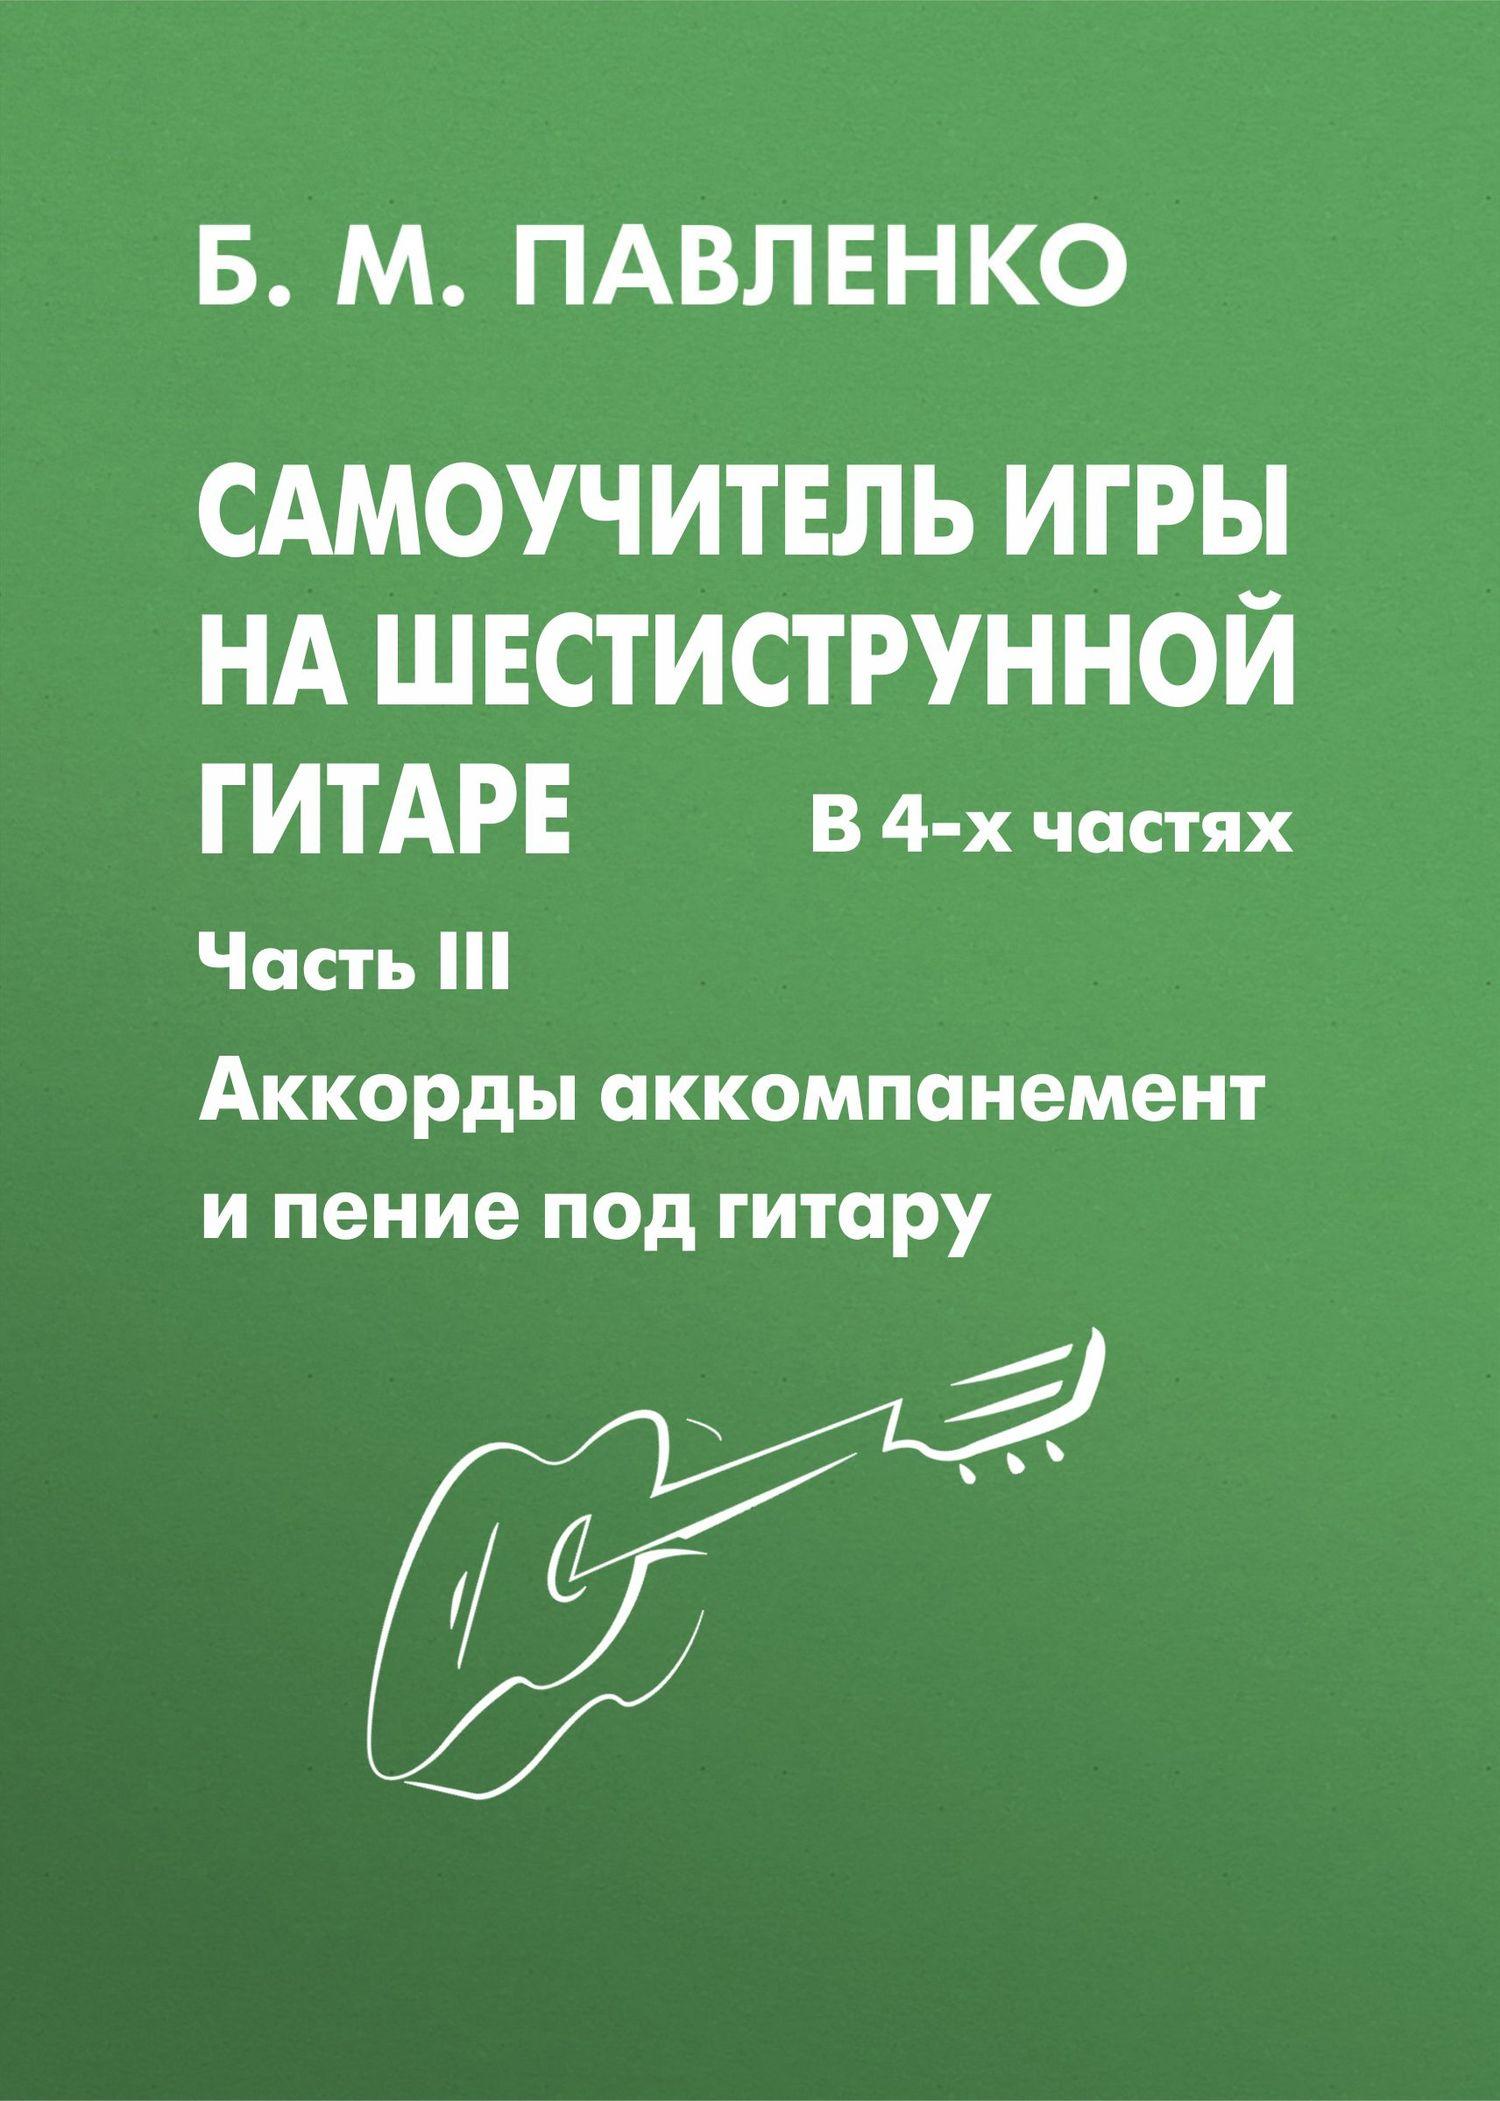 Б. М. Павленко Самоучитель игры на шестиструнной гитаре. Аккорды, аккомпанемент и пение под гитару. III часть манилов в молотков в техника джазового аккомпанемента на шестиструнной гитаре